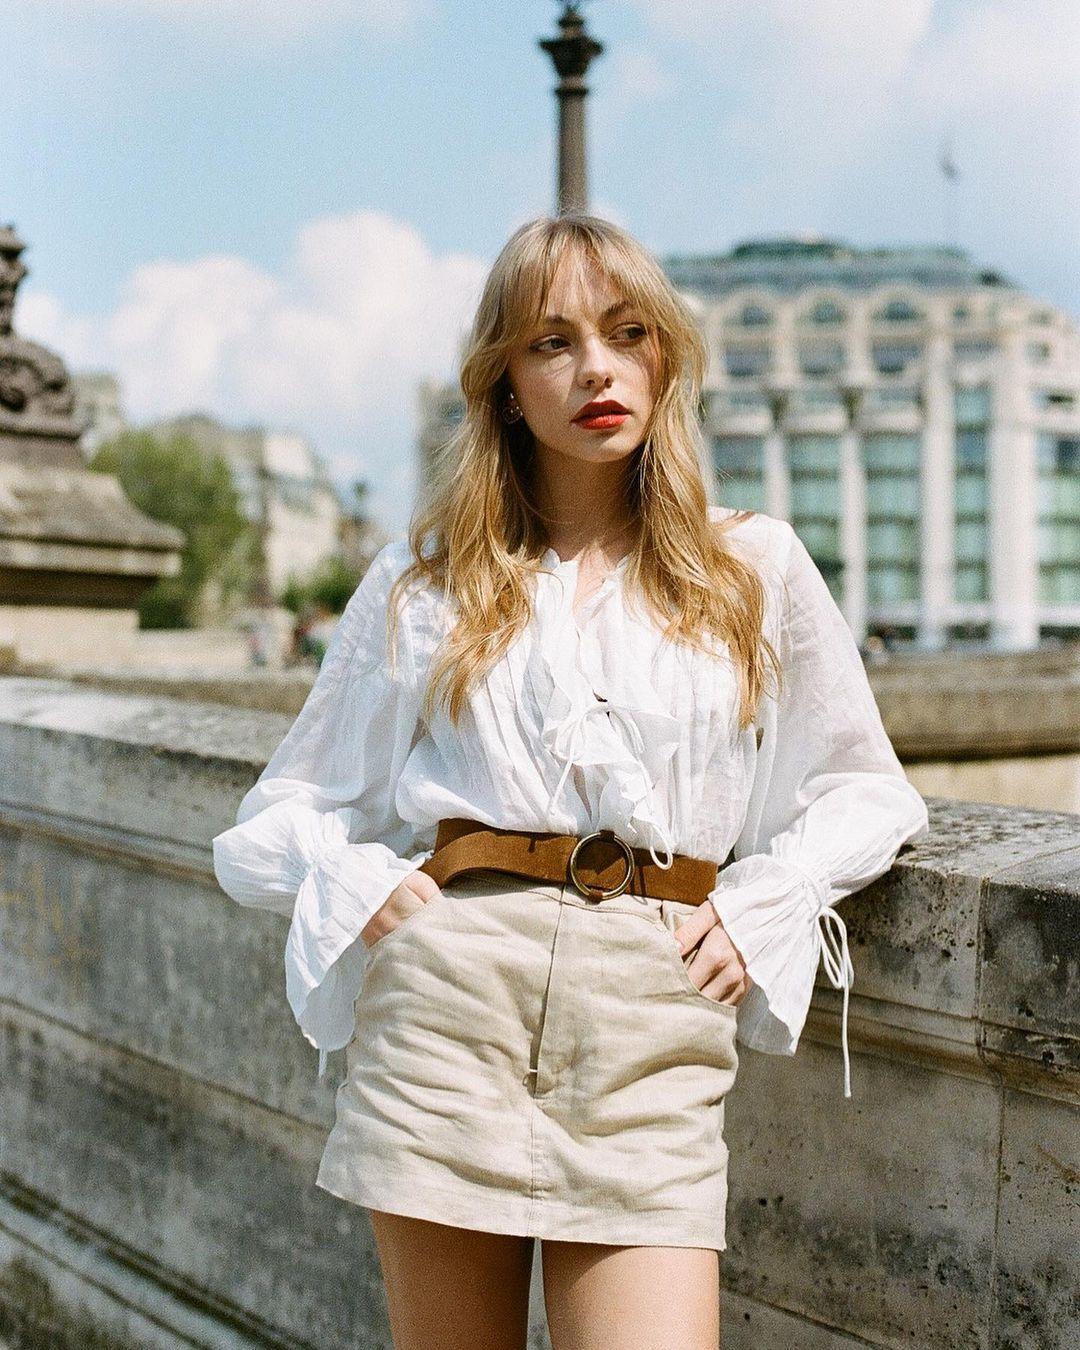 λευκή_πουκαμίσα_με_μπεζ_κοτλέ φούστα_